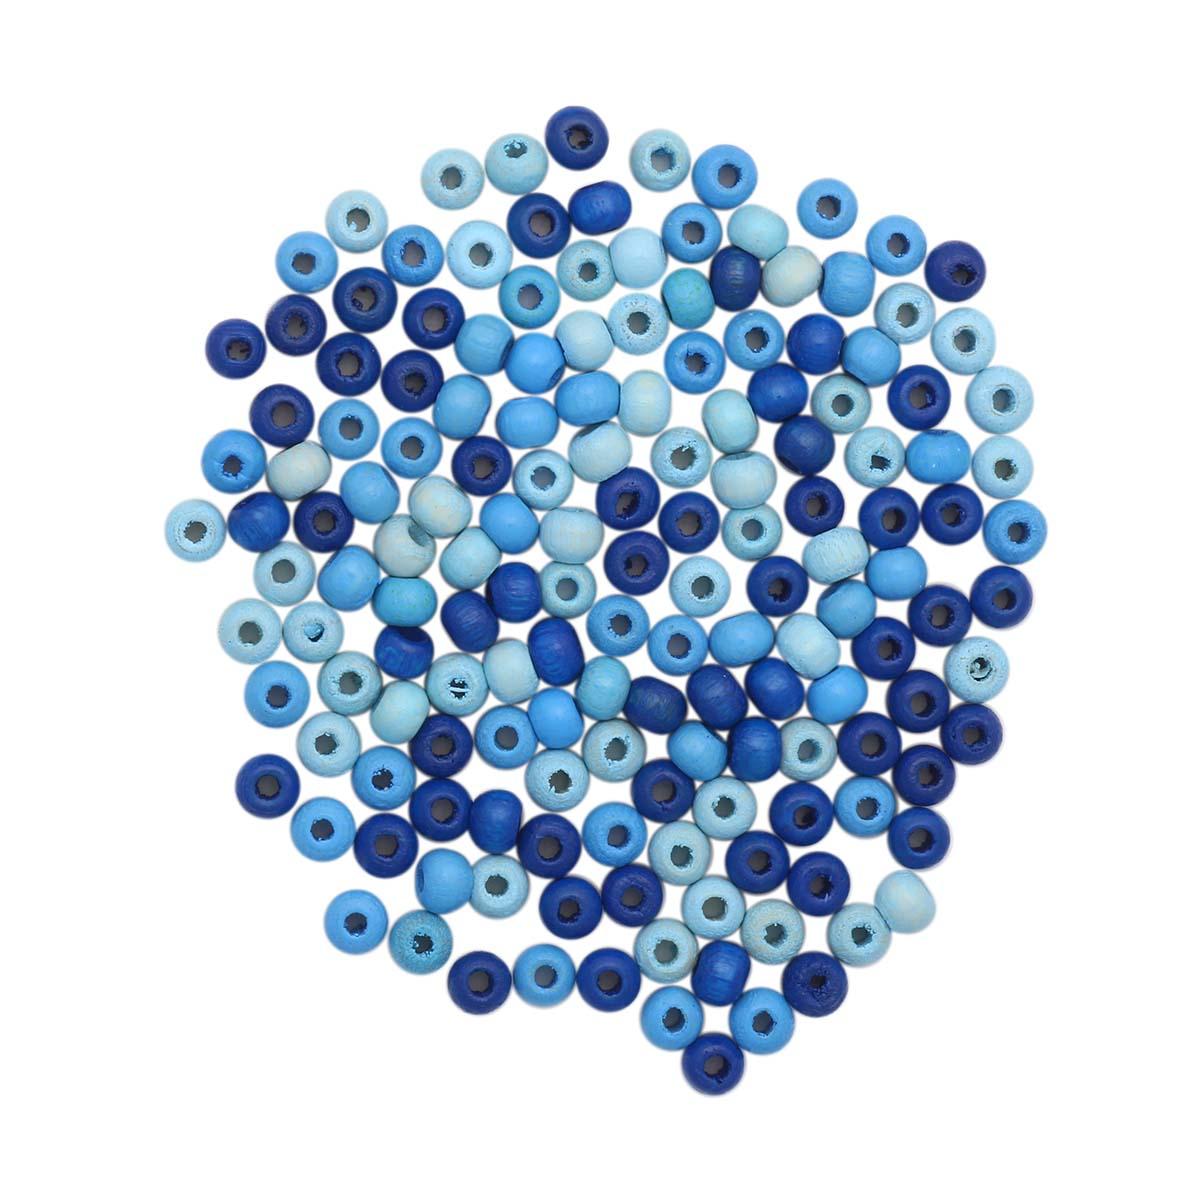 61651053 Бусины дерево, голубой микс, 4 мм, упак./155 шт., Glorex